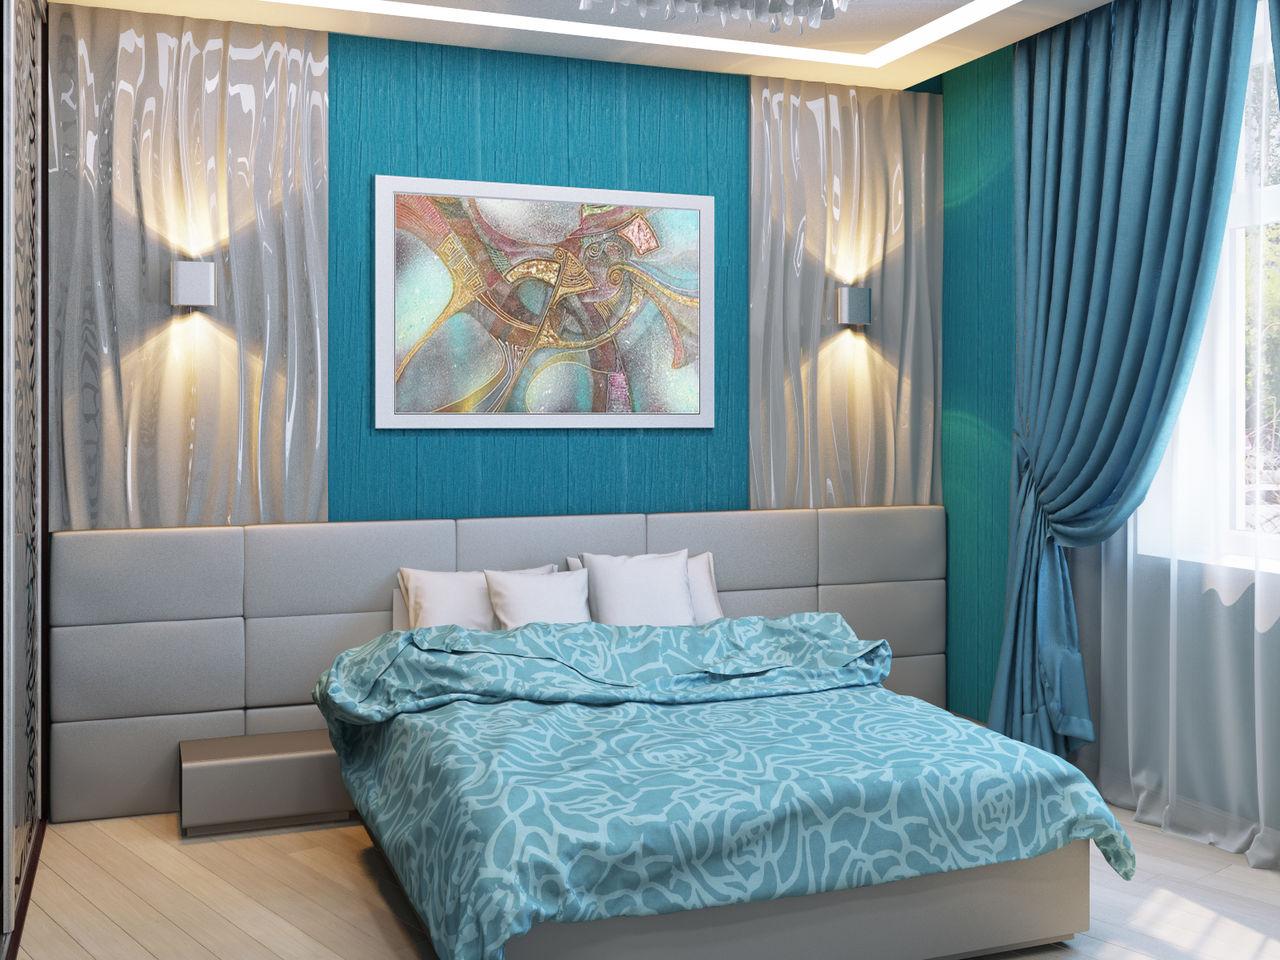 Спальня в голубых тонах картинки приземлится, бассейн